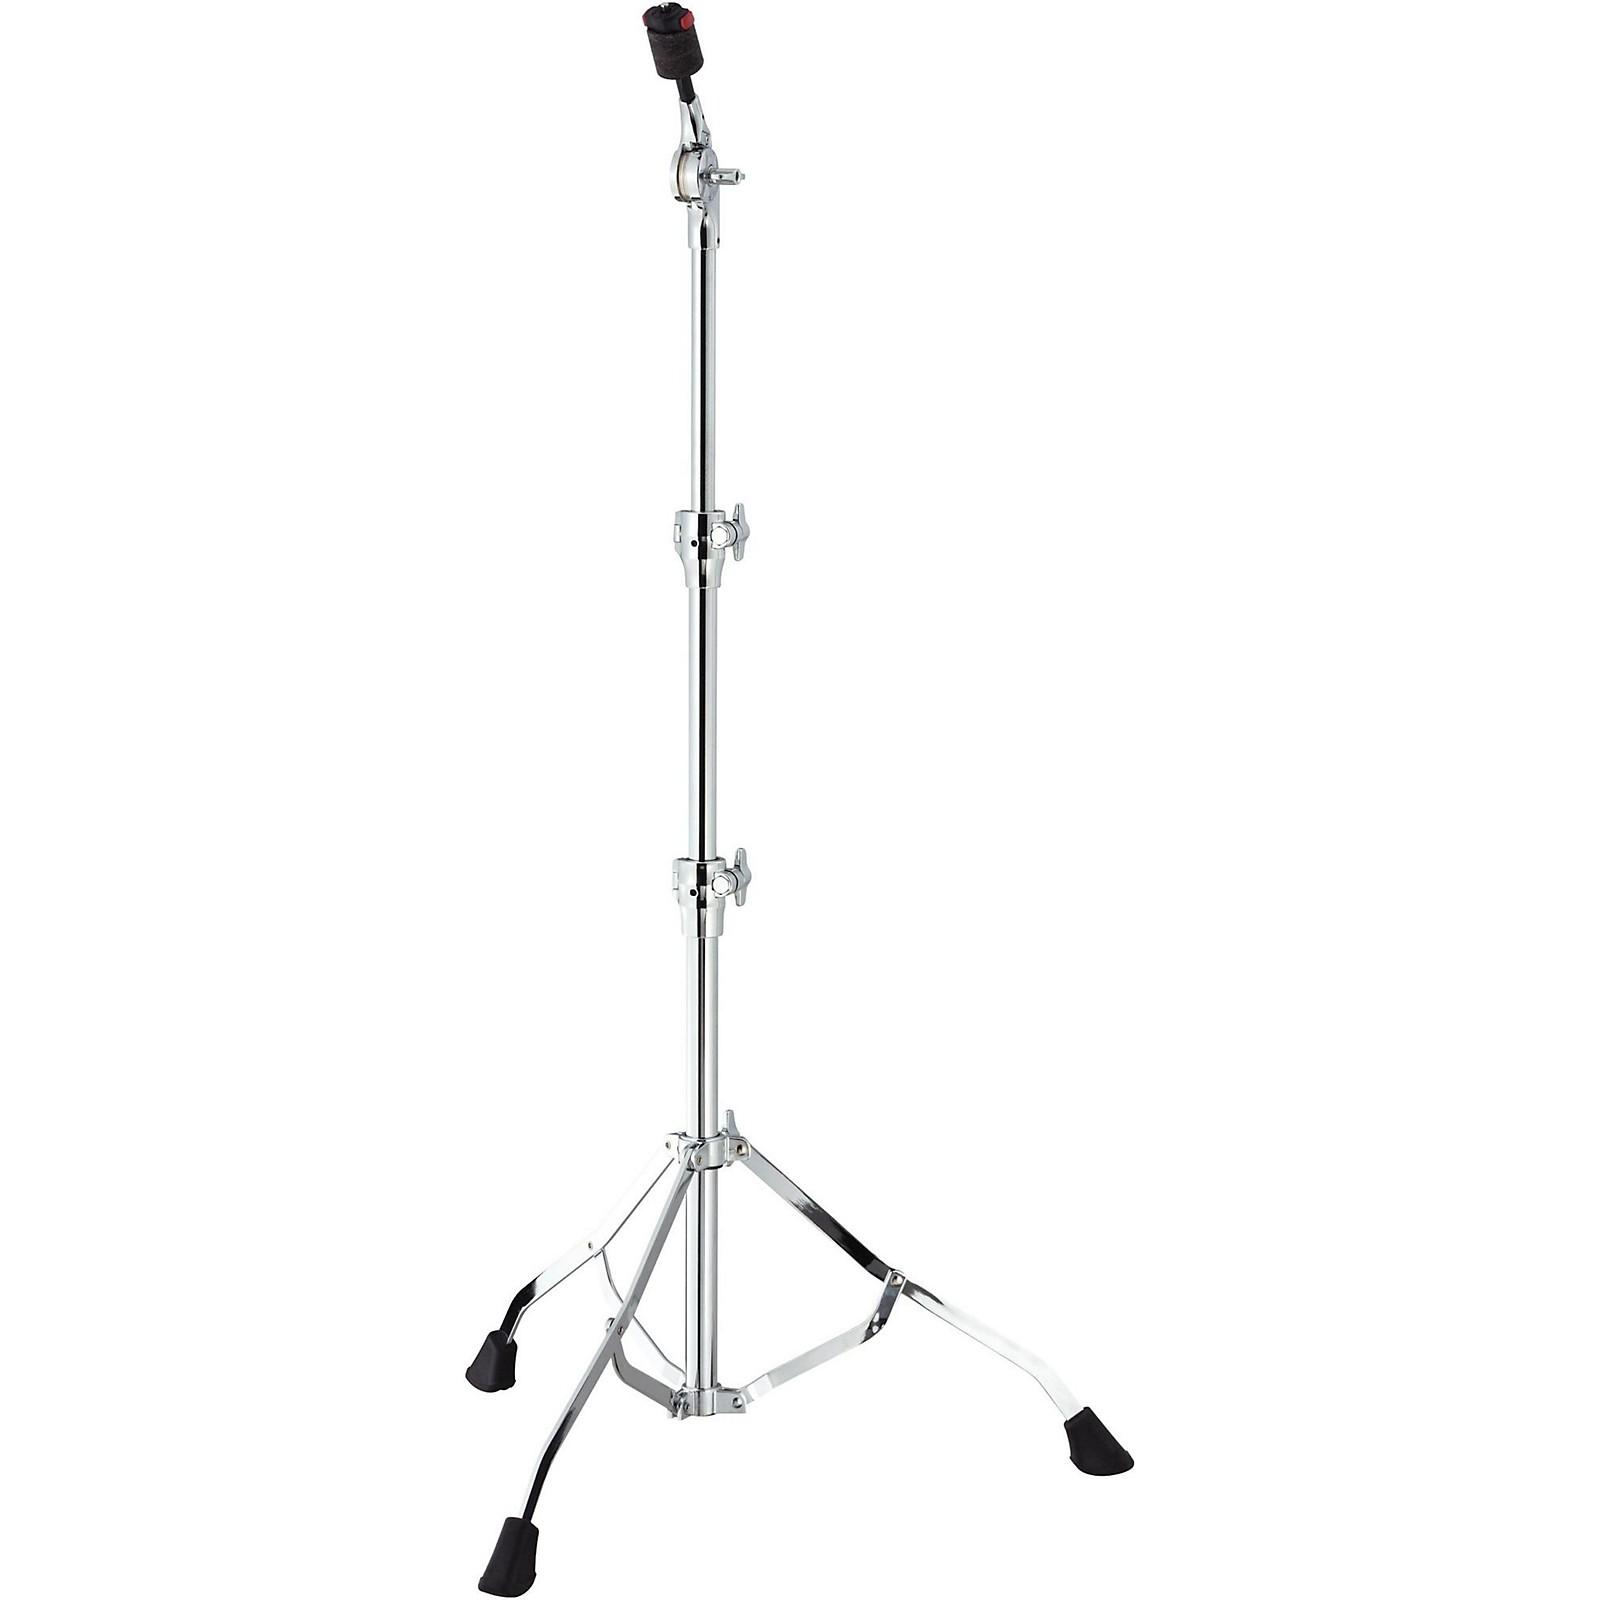 TAMA Roadpro Light Single-Braced Straight Cymbal Stand